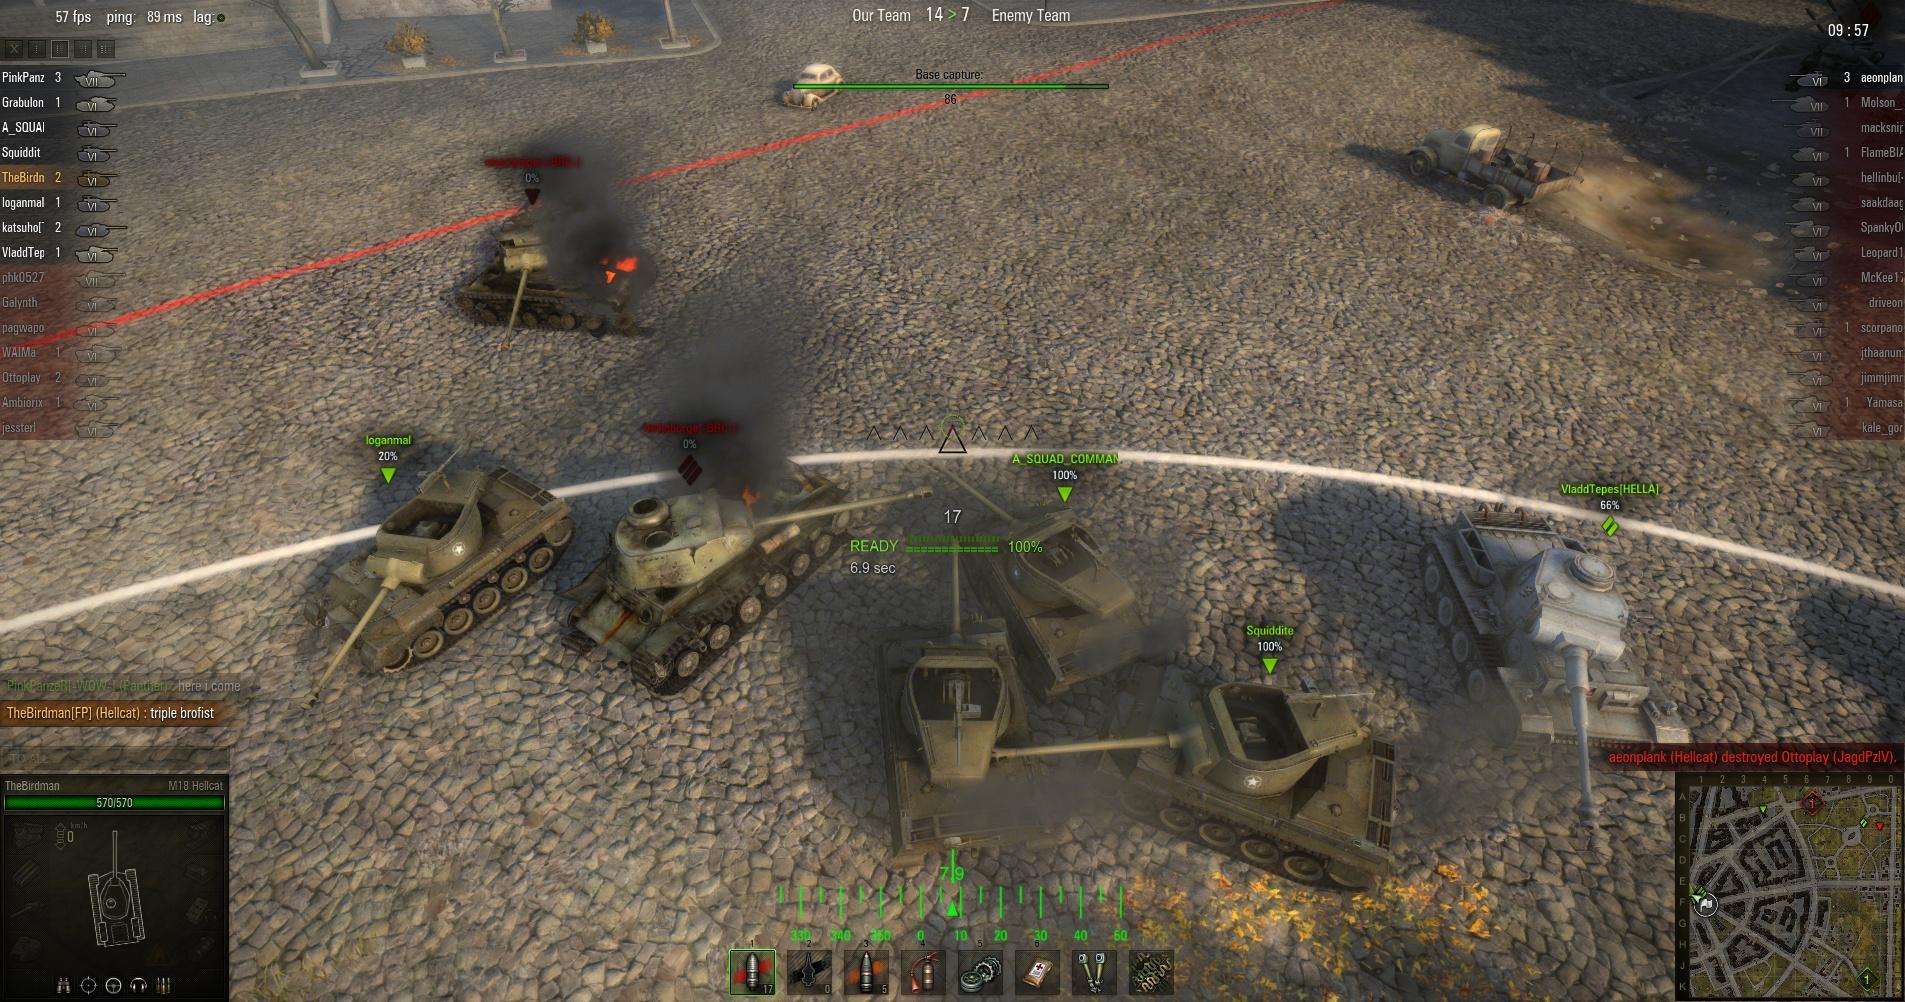 World of tanks matchmaking bullshit